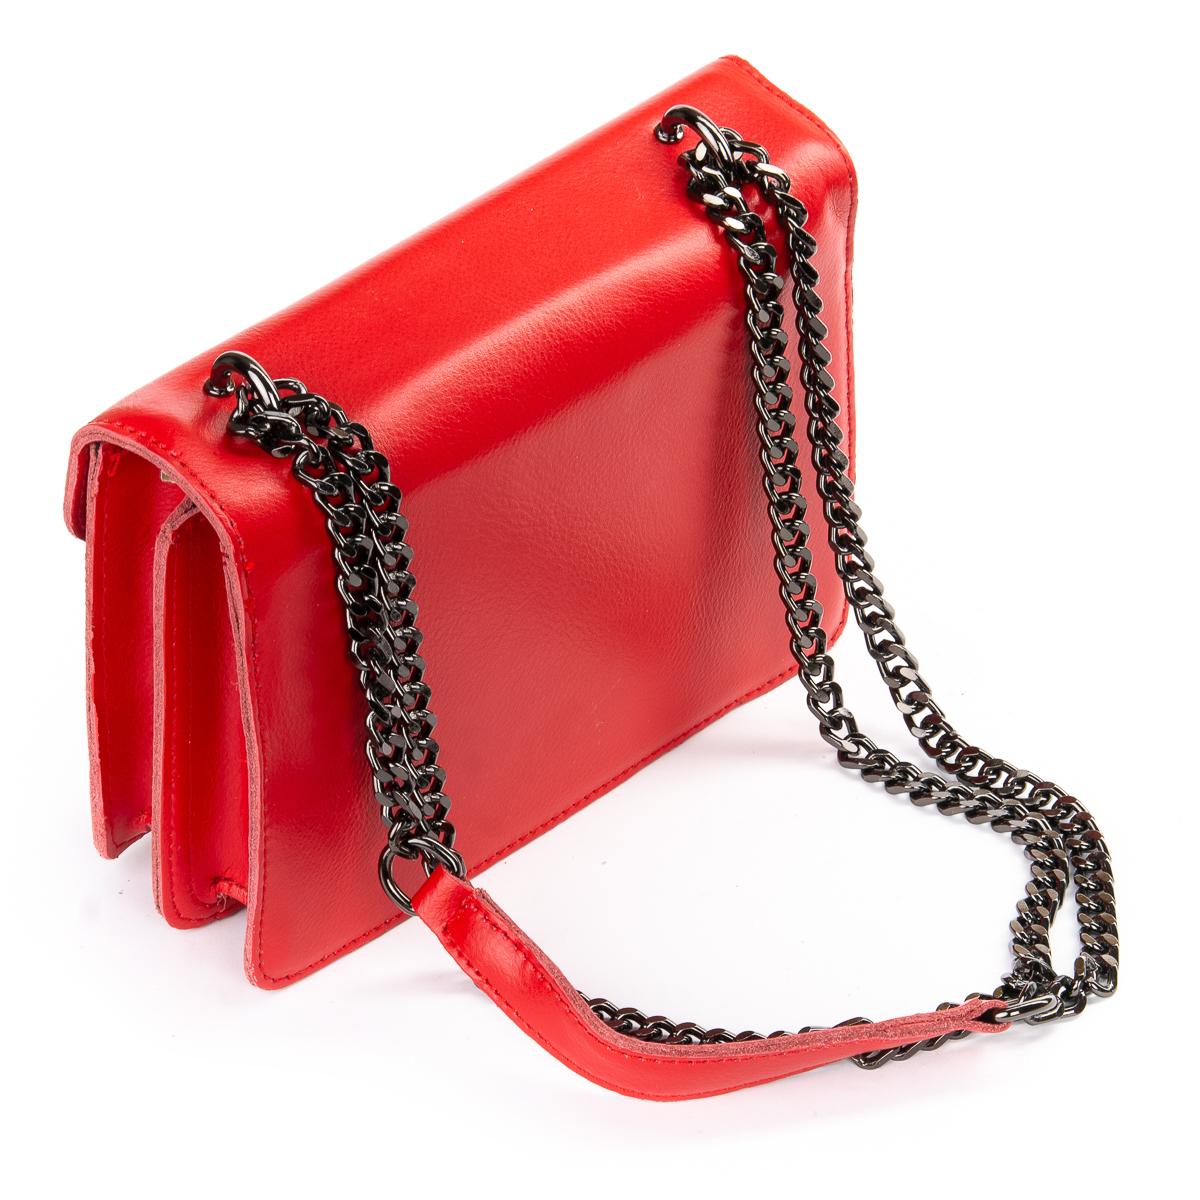 Сумка Женская Клатч кожа ALEX RAI 06-1 8543 red - фото 4